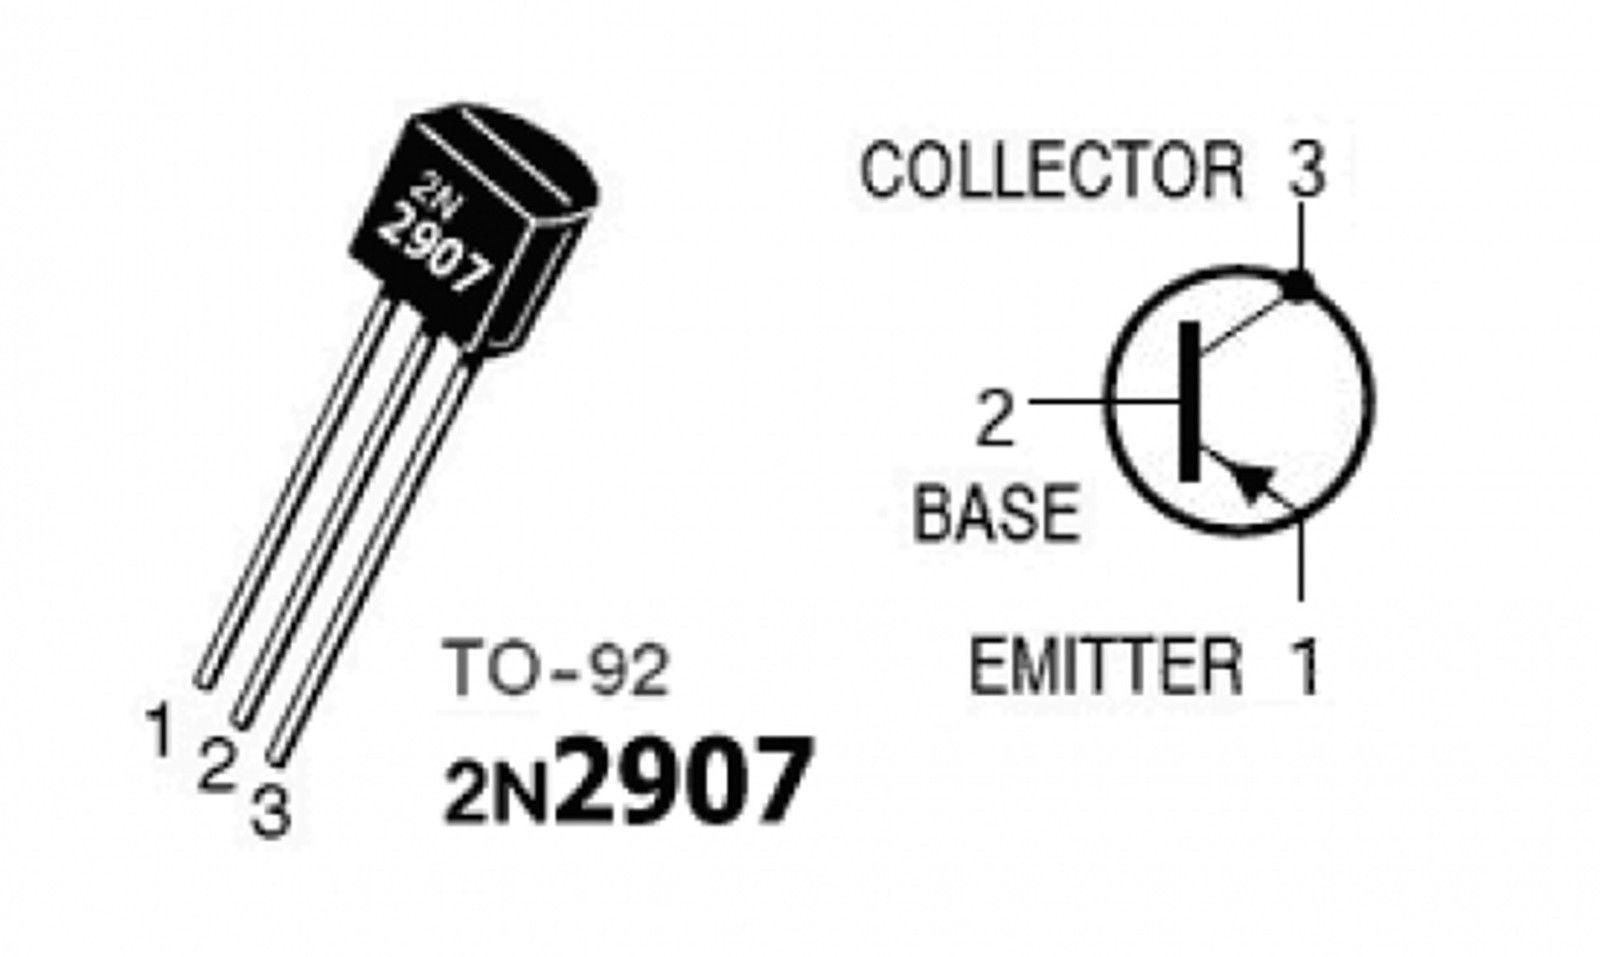 10 x 2n2907 pnp bipolar transistor to